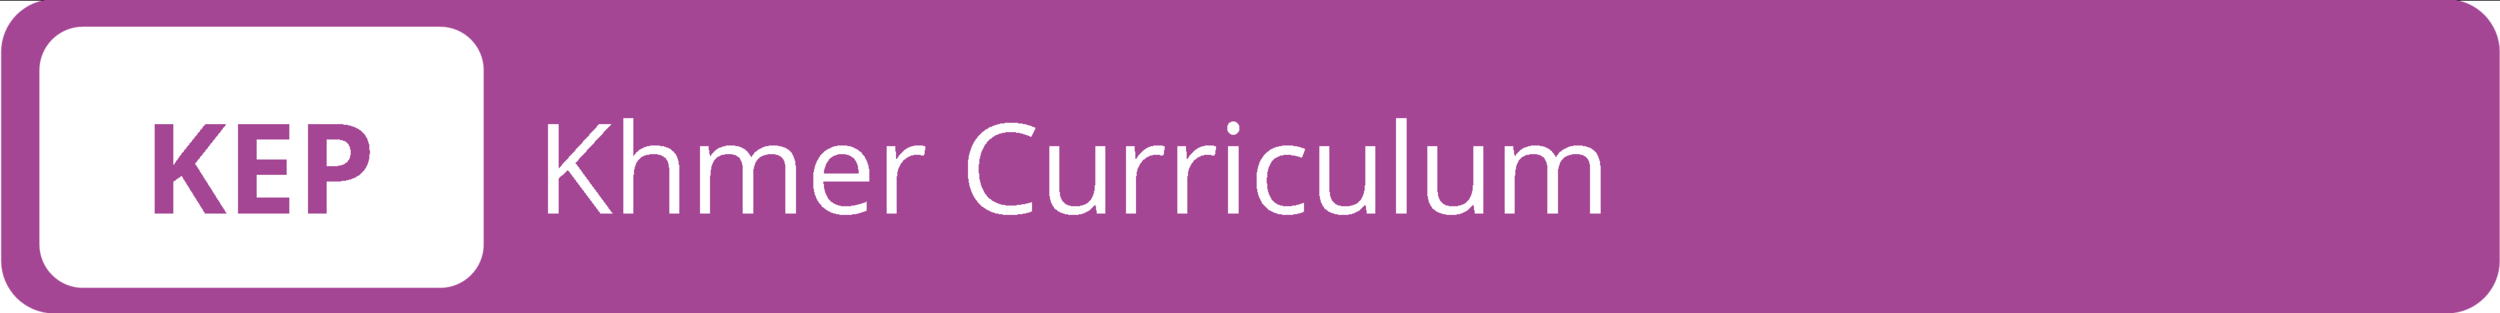 Khmer_Curriculum.jpg